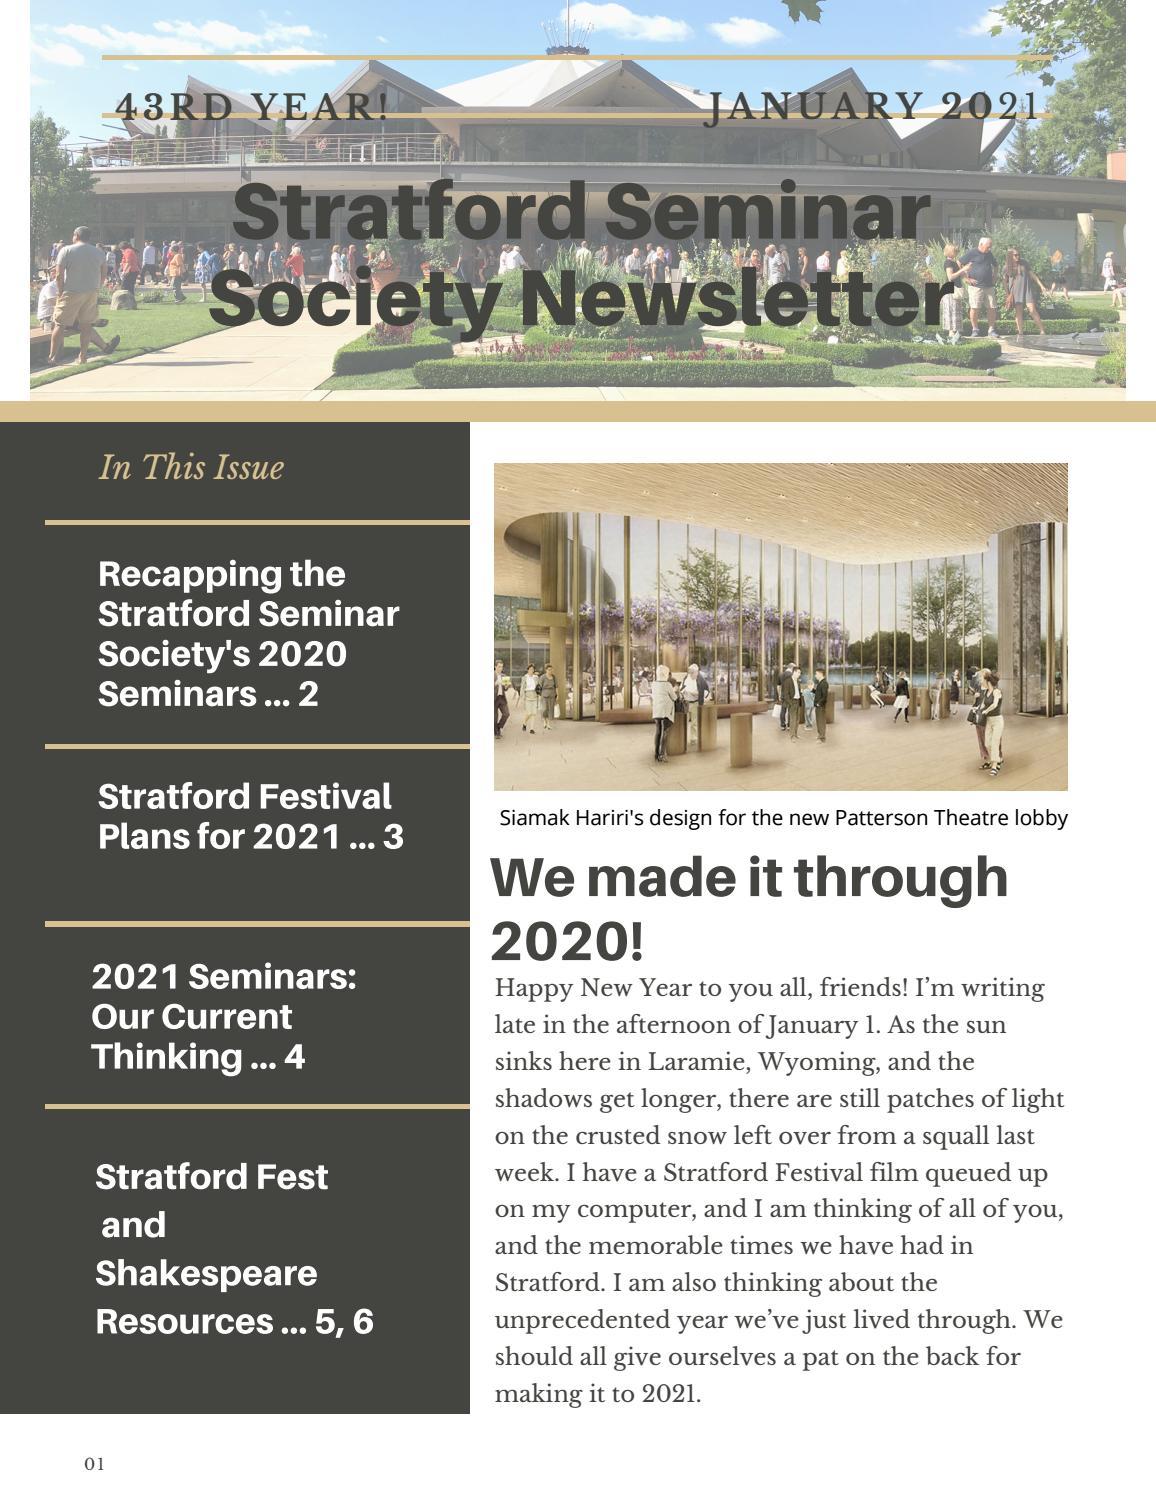 Stratford Festival 2022 Calendar.Stratford Seminar Society Newsletter January 2021 Edition By Uwyo8 Issuu